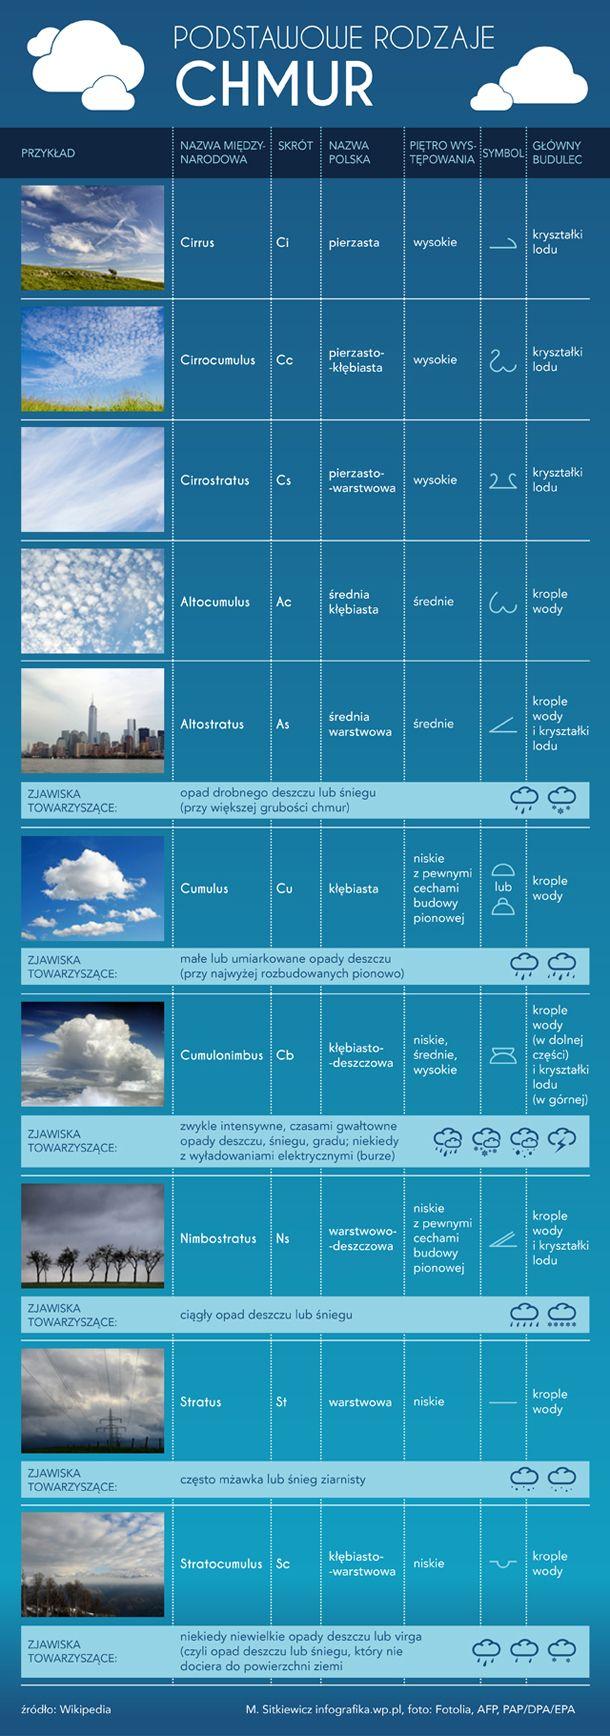 Widzisz Taka Chmure Lepiej Uciekaj Ciekawostki Edukacja Domowa